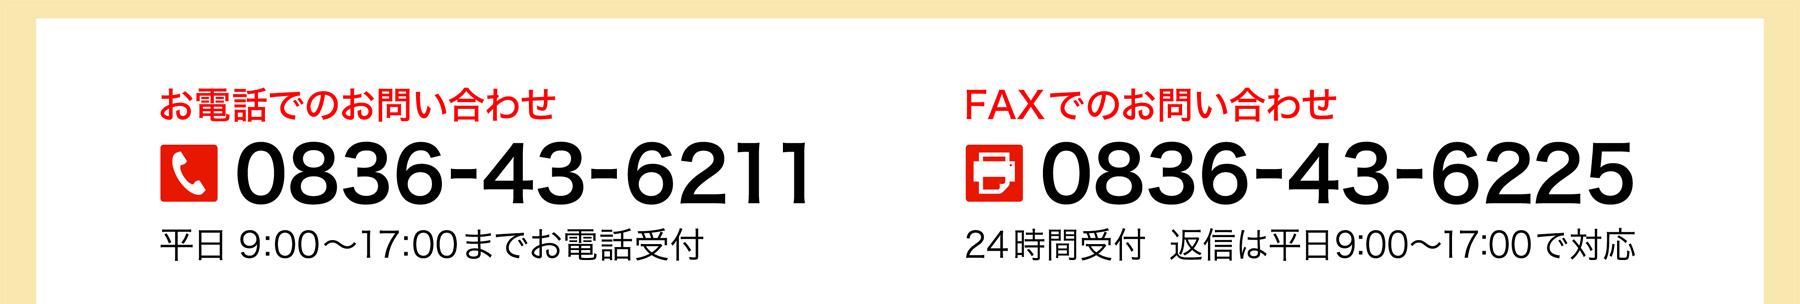 セルプ南風 電話・FAX問い合わせTEL0836-43-6211